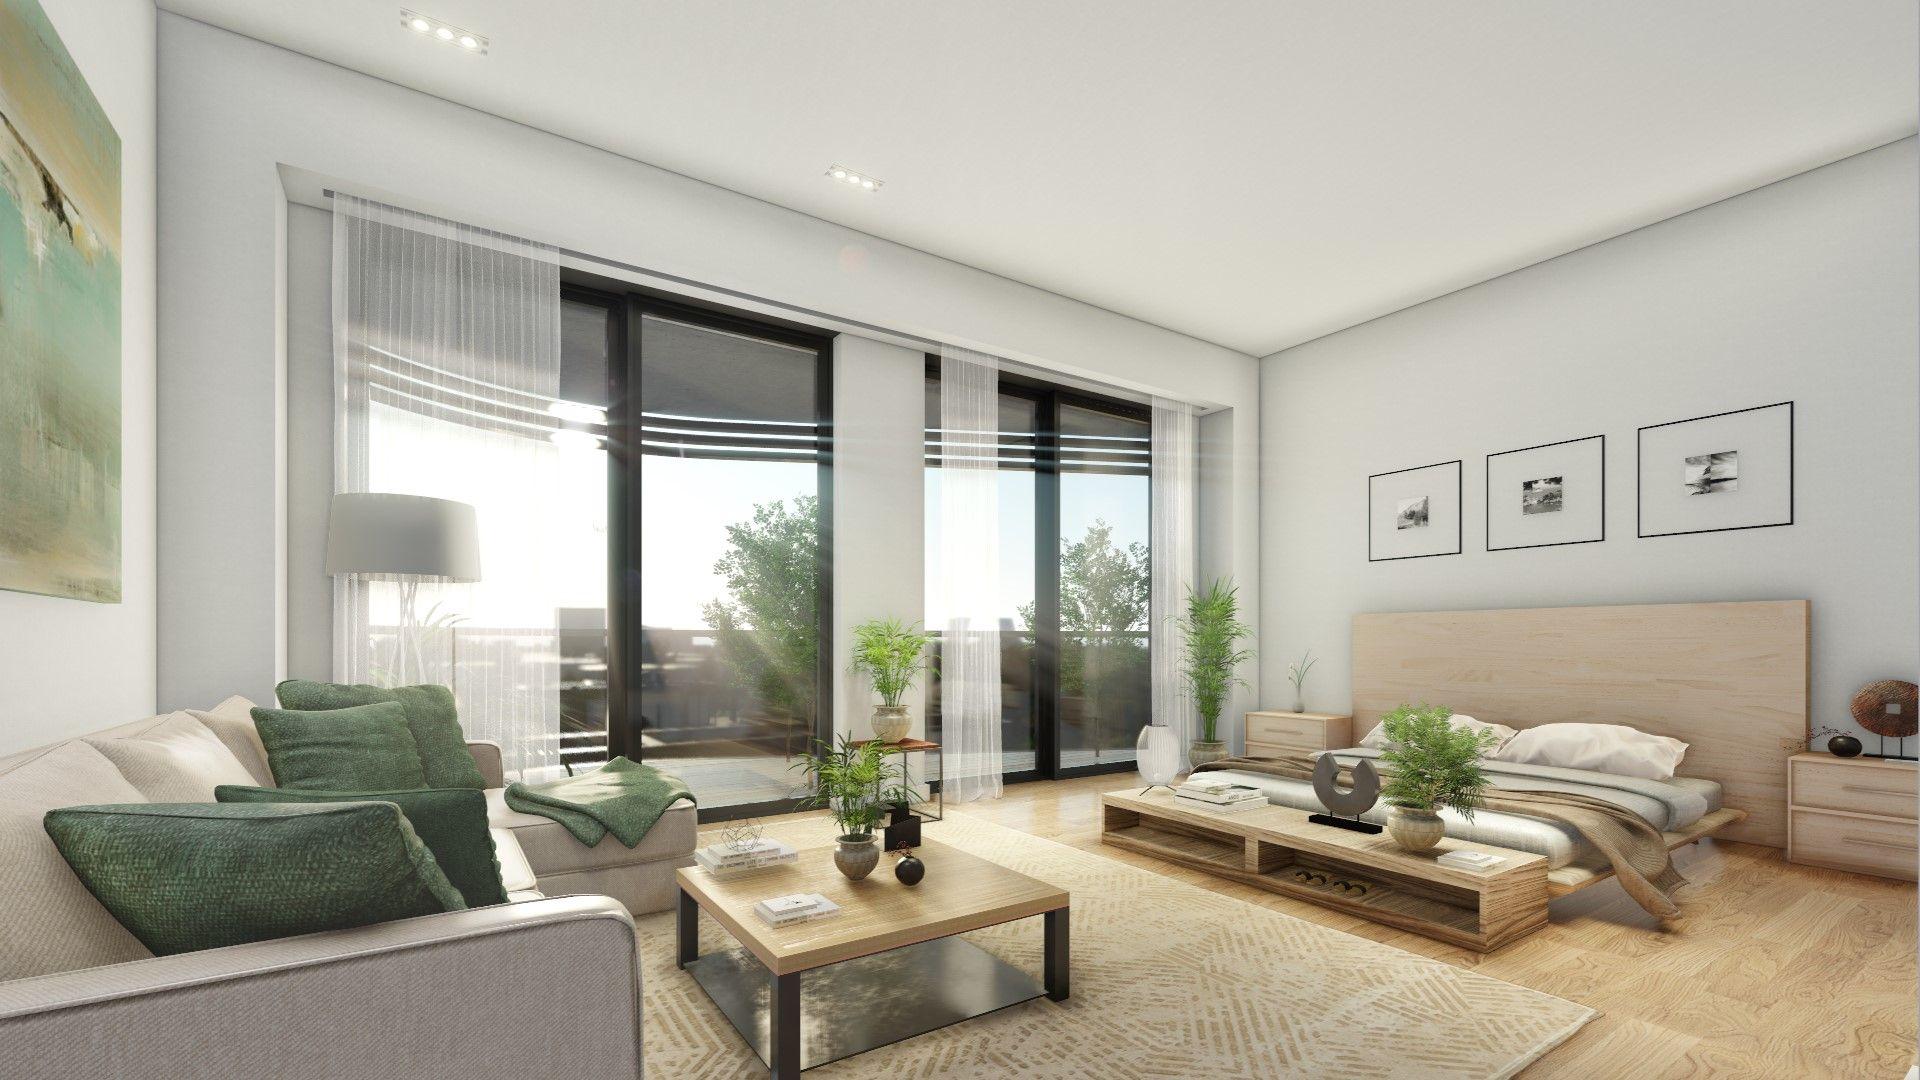 M ximo realismo en interiores con lumion 7 3 como estos - Arquitectos de interiores famosos ...